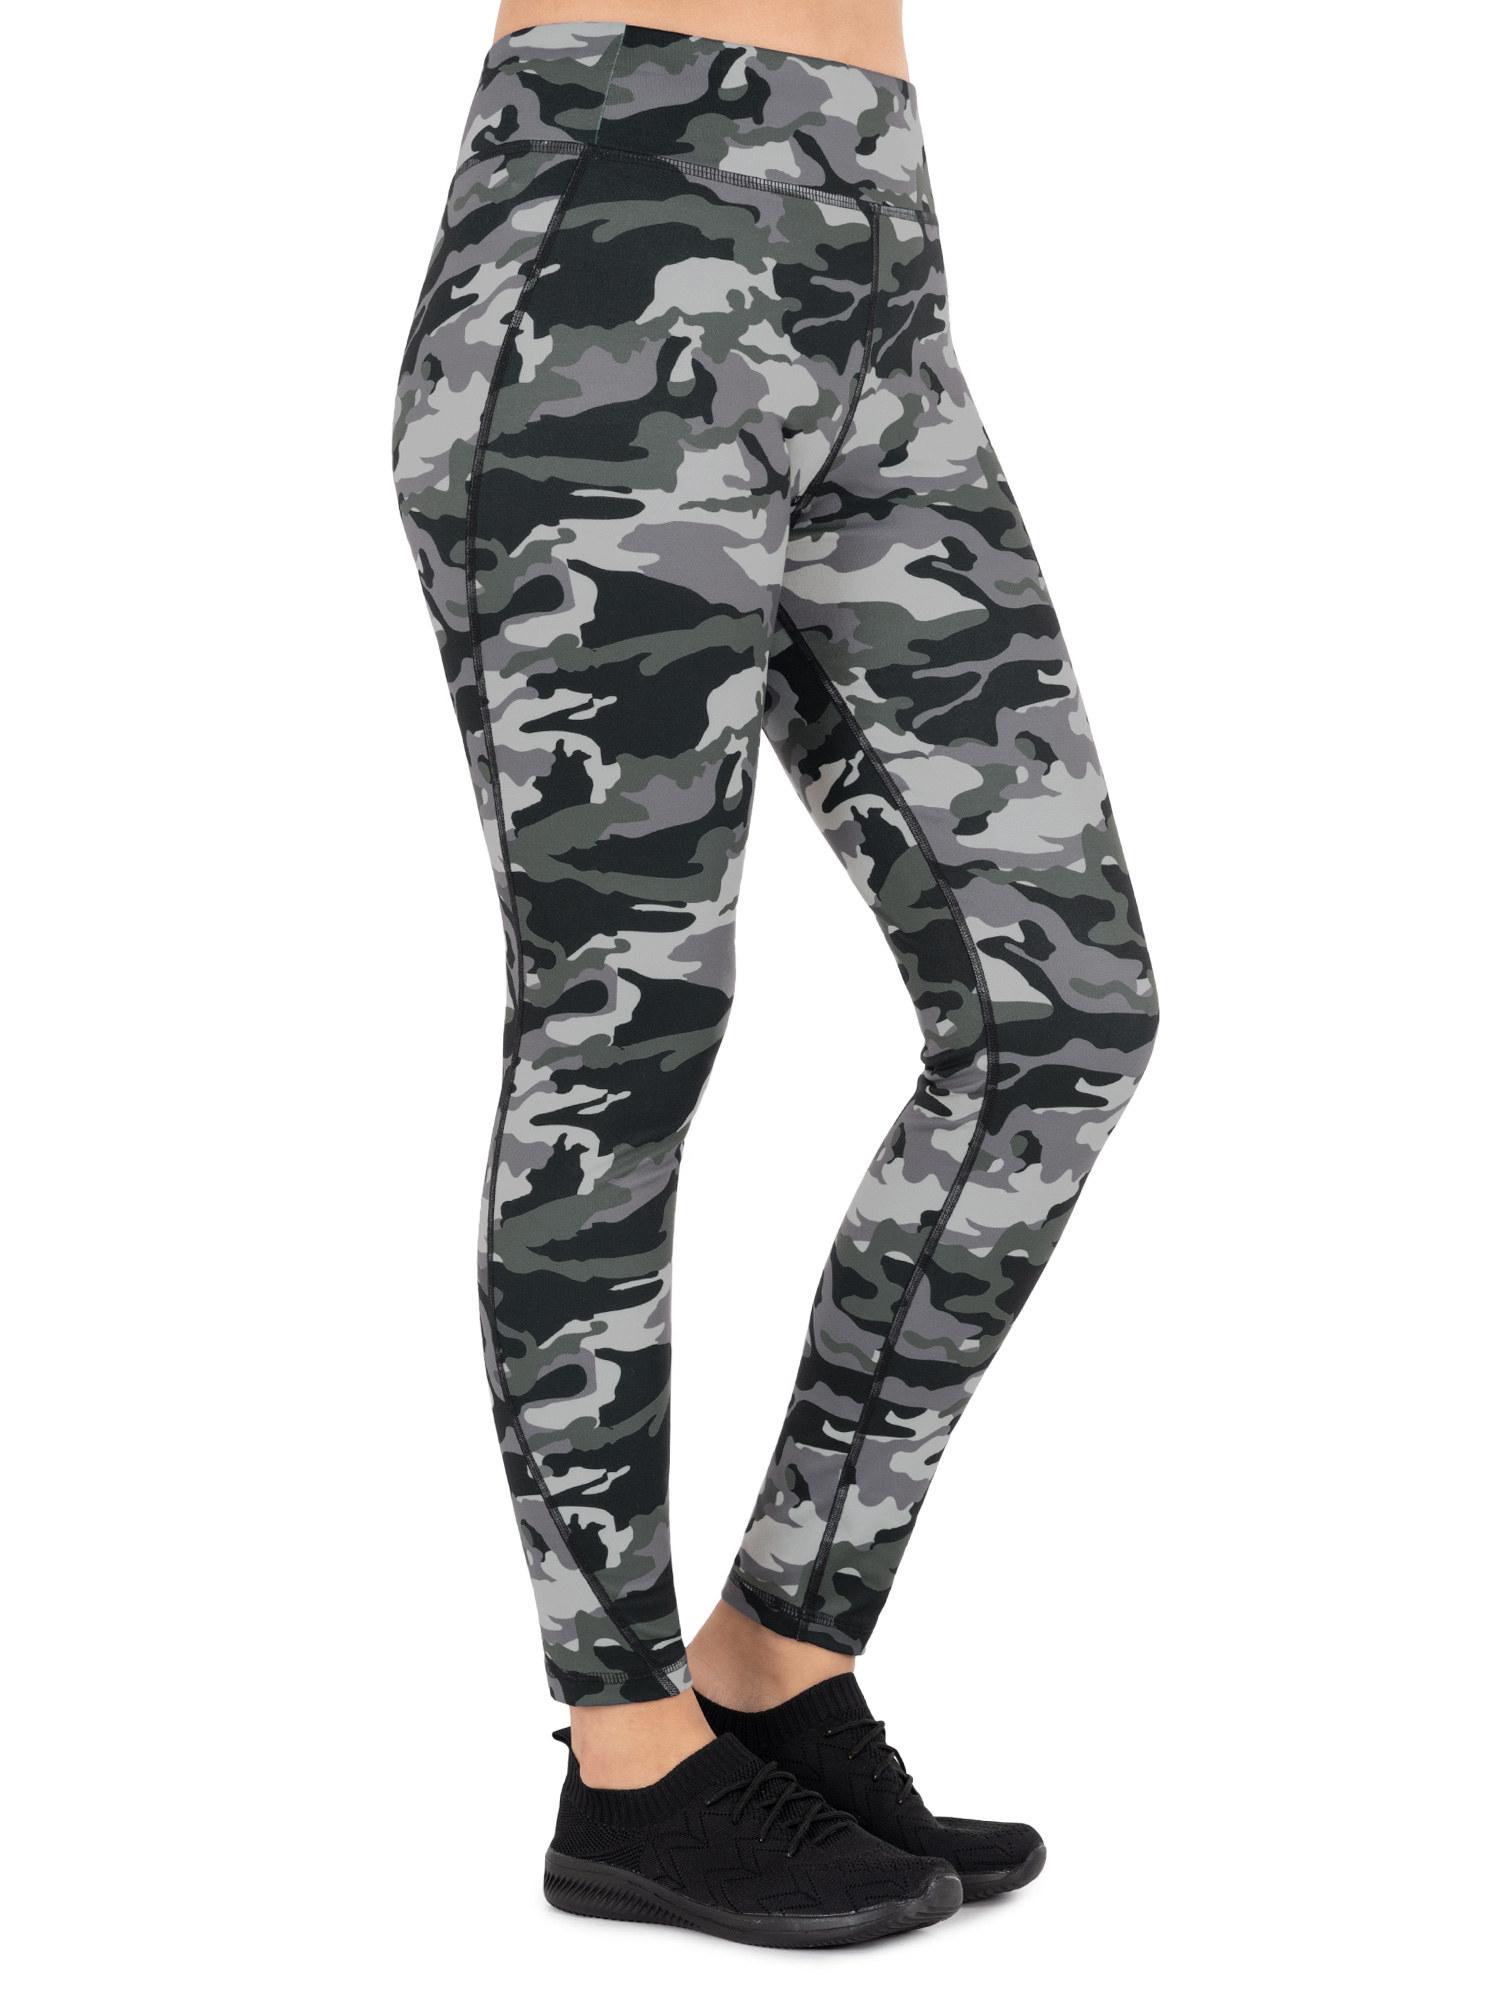 model wearing camo print leggings